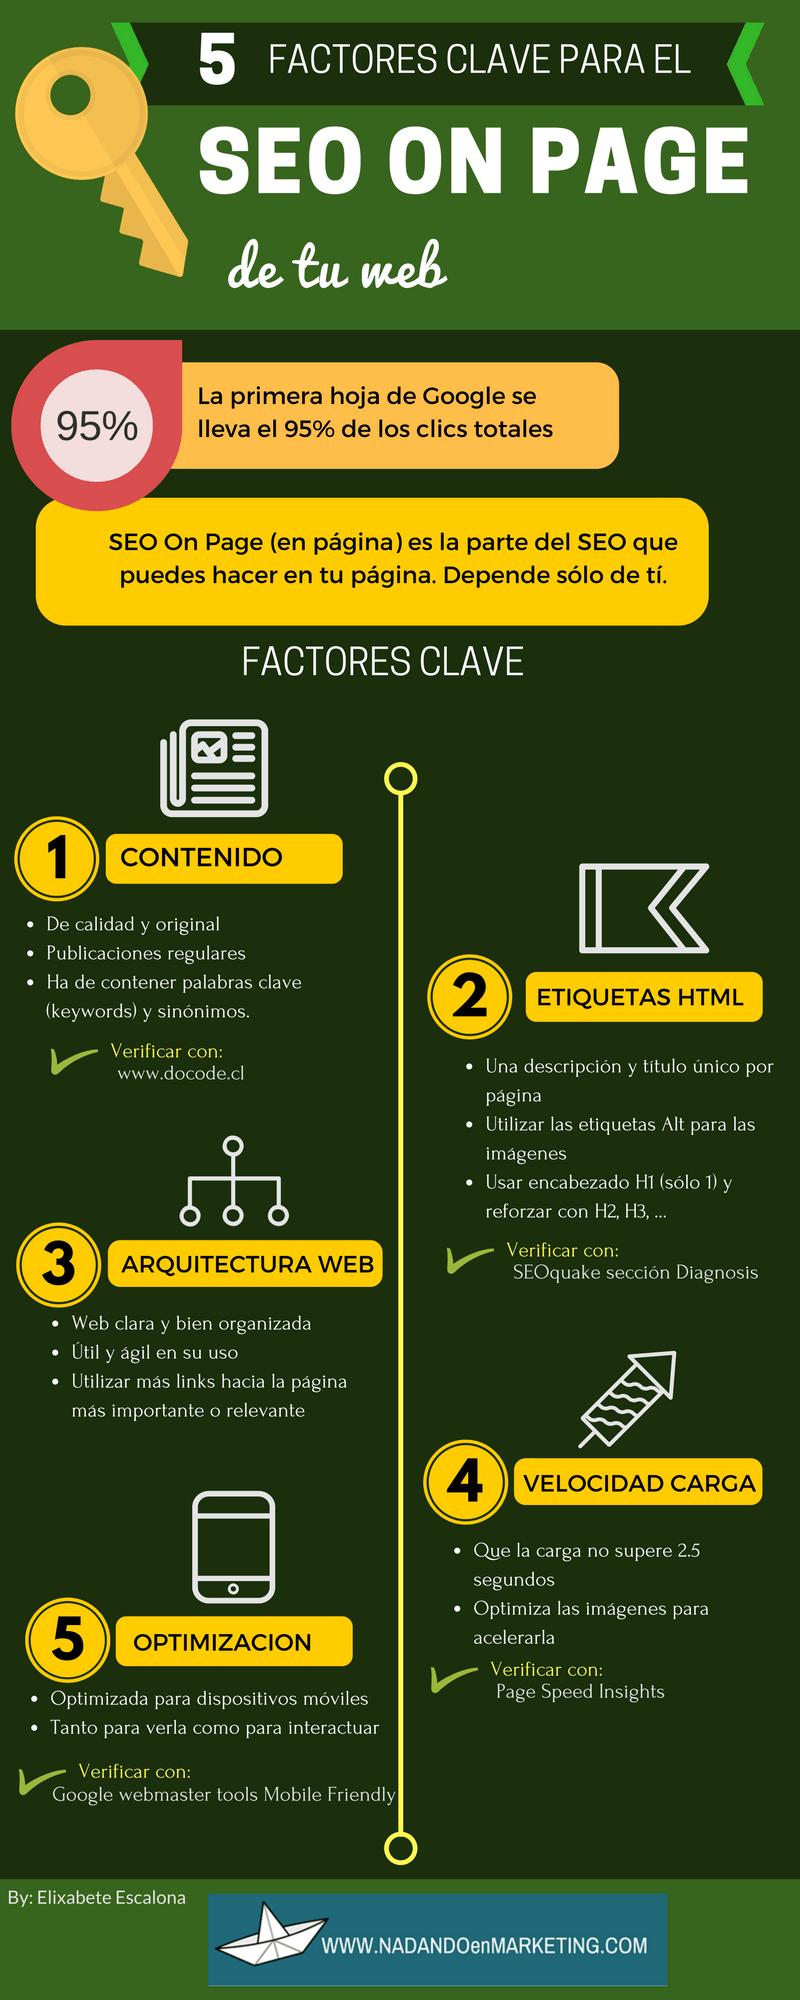 5 factores clave para el SEO On page